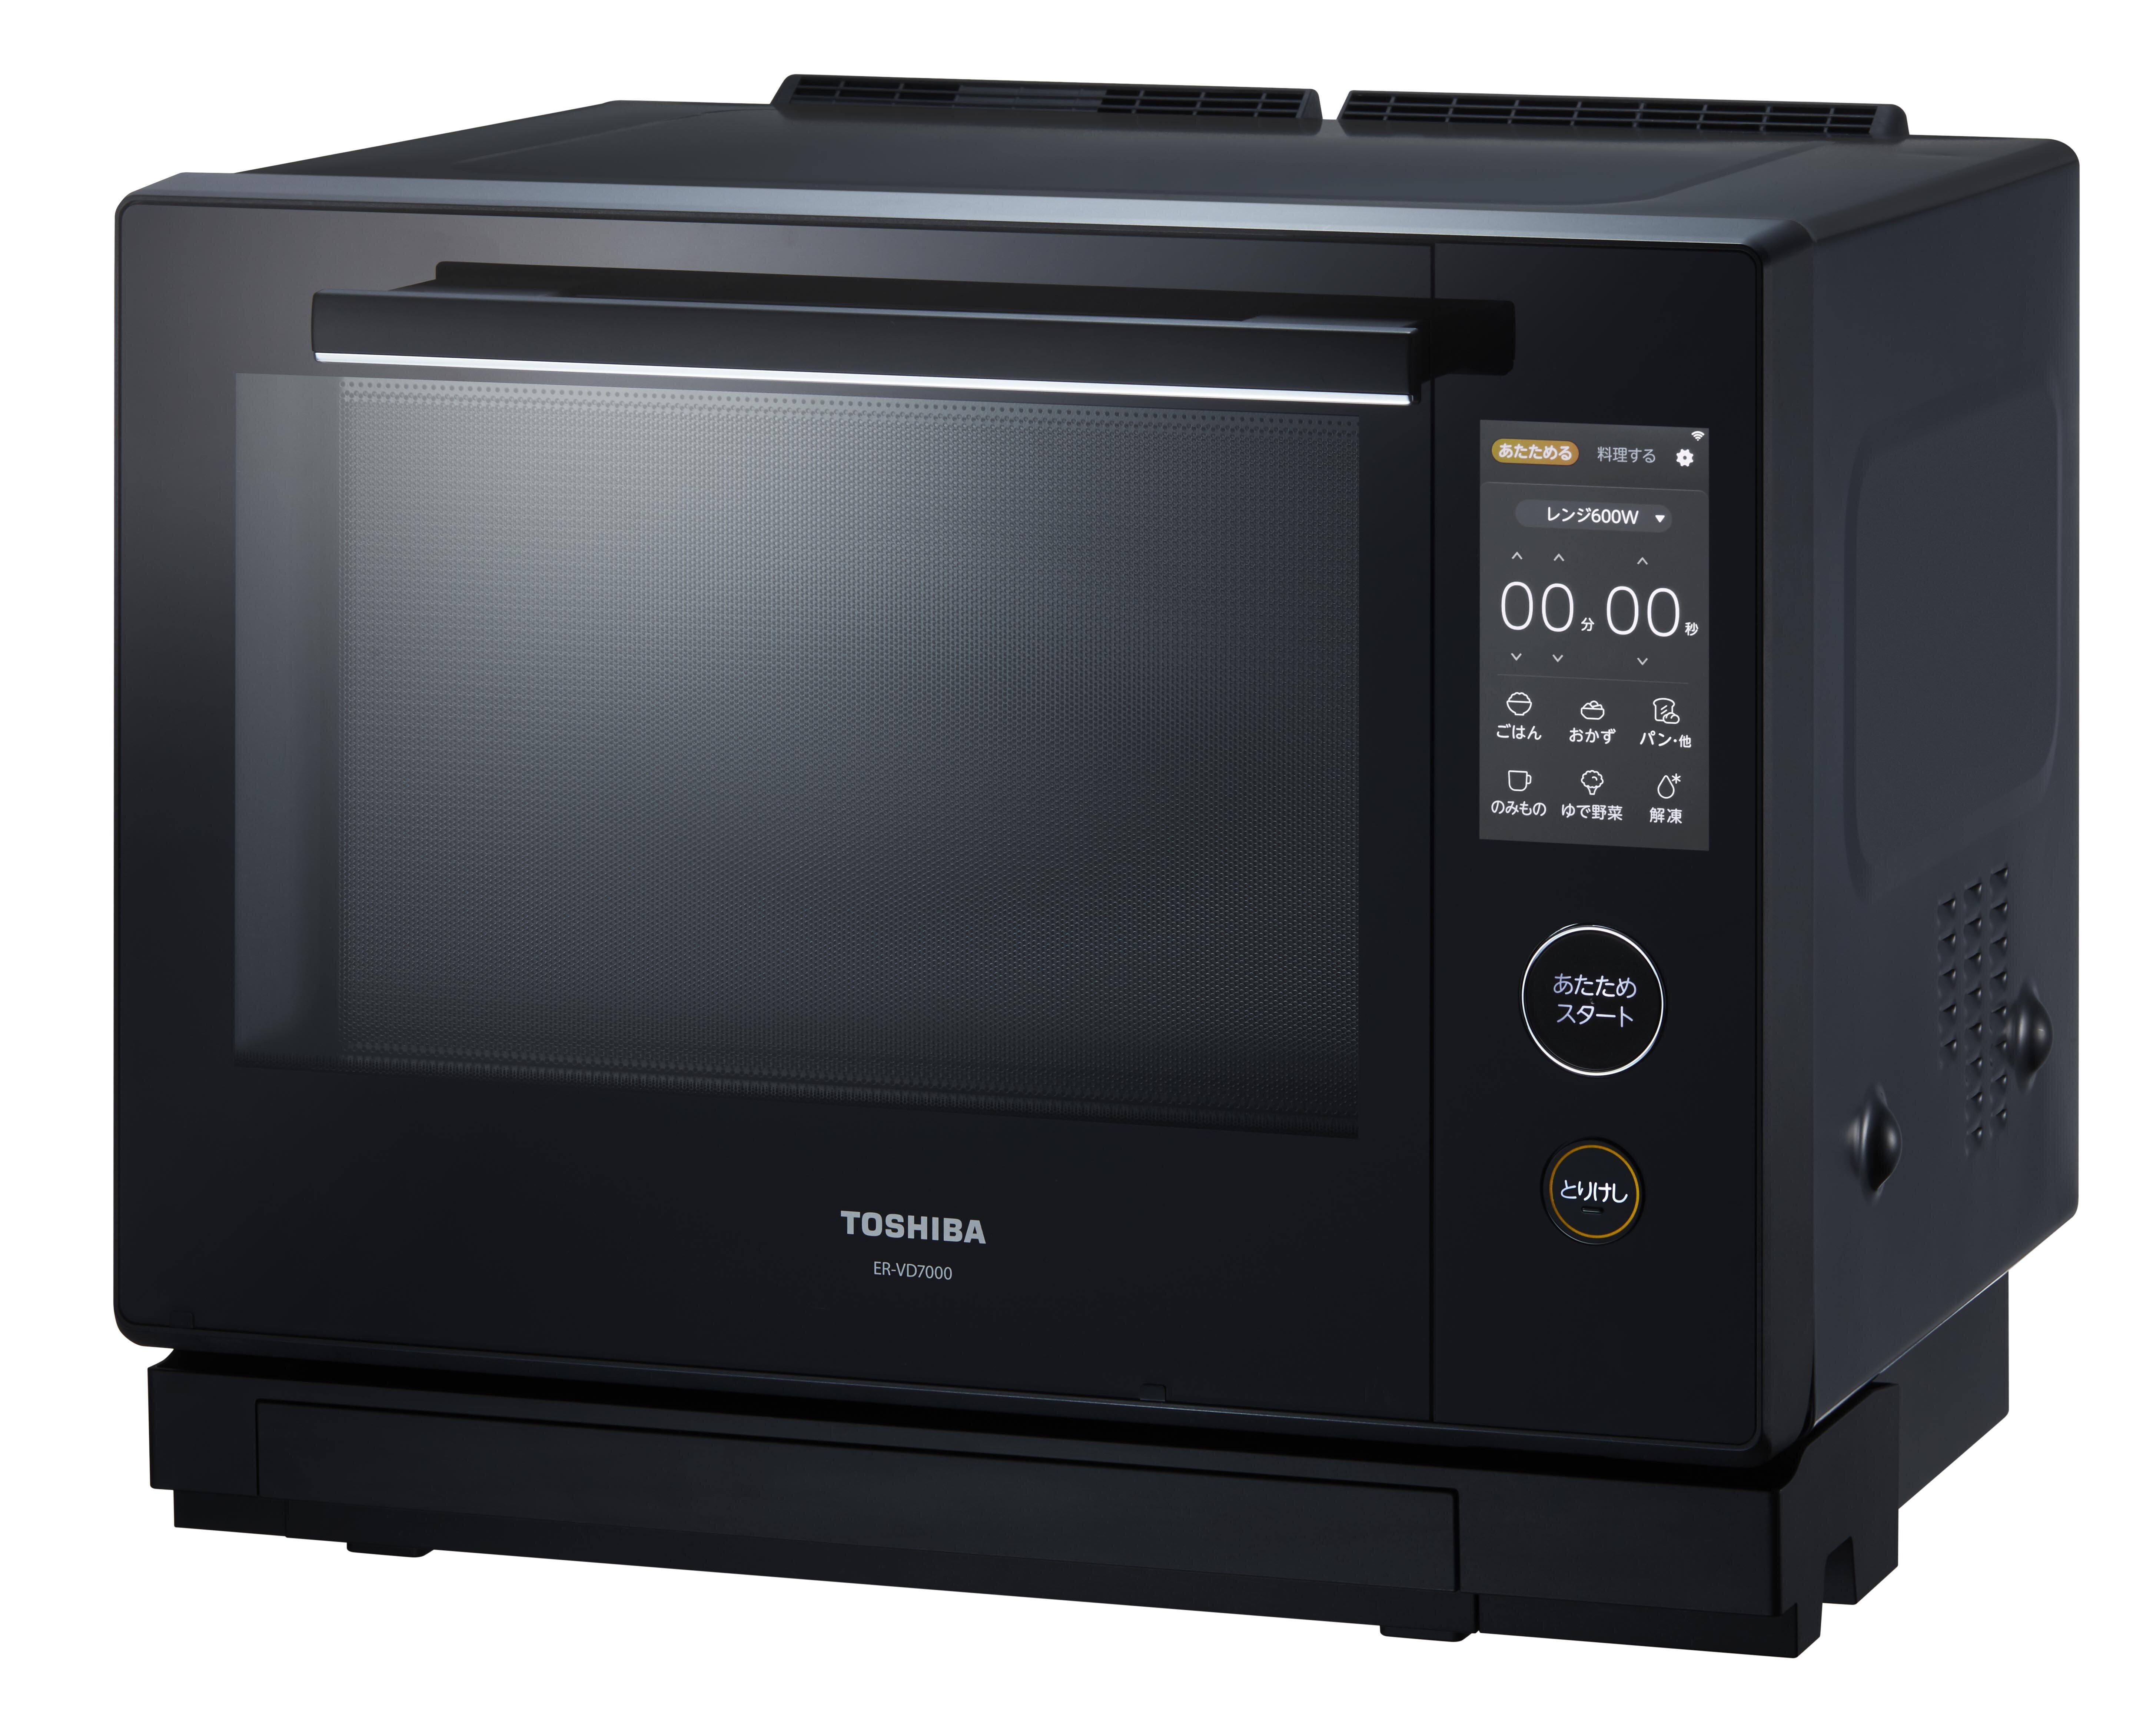 センサーが食材と分量に合わせて自動調理 過熱水蒸気オーブン